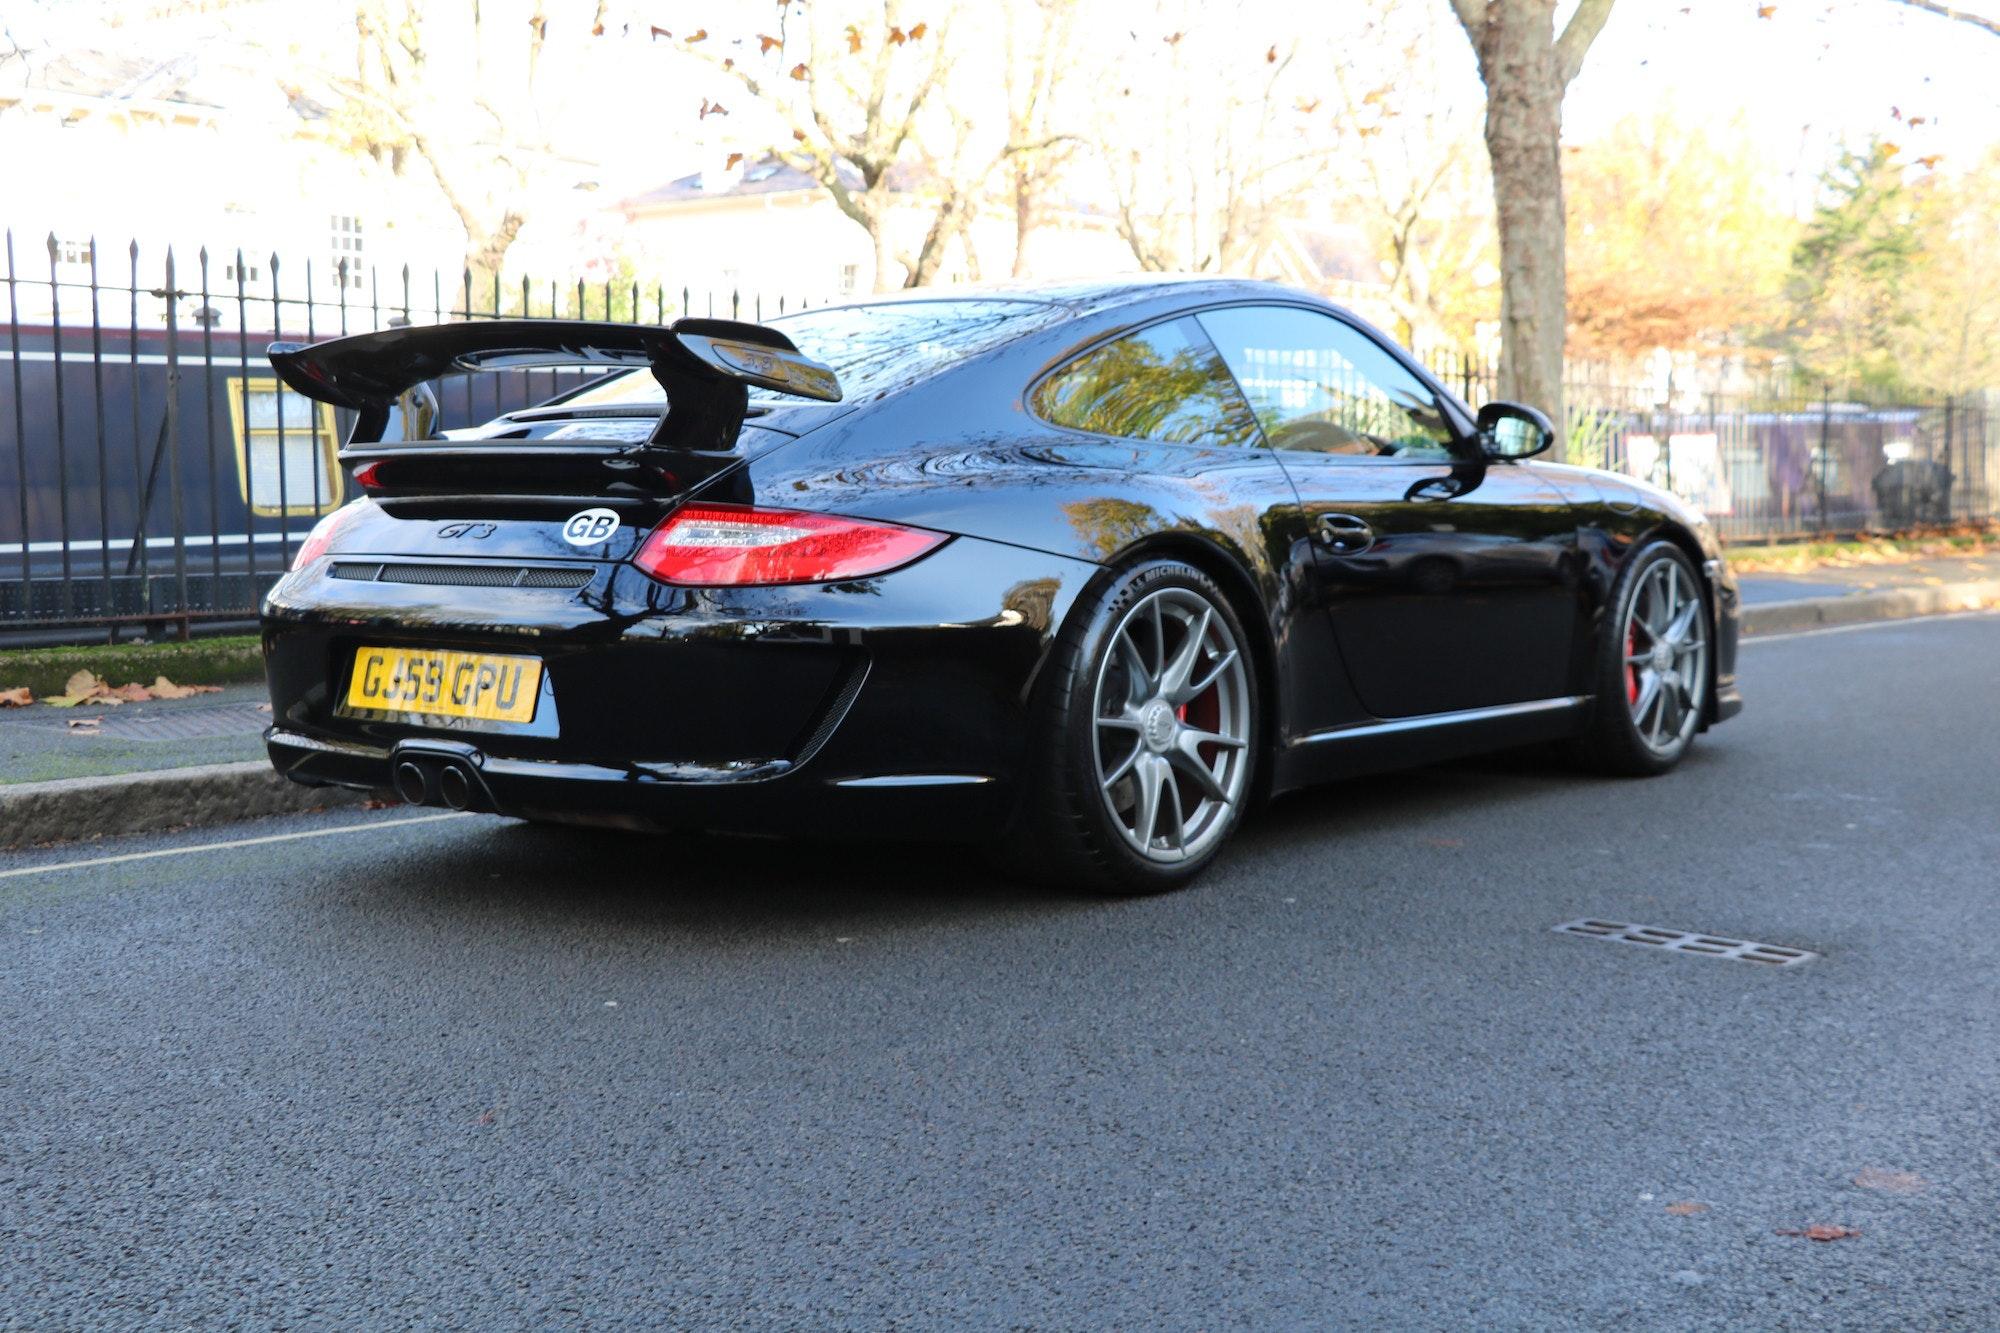 2010 Porsche 911 997 Gt3